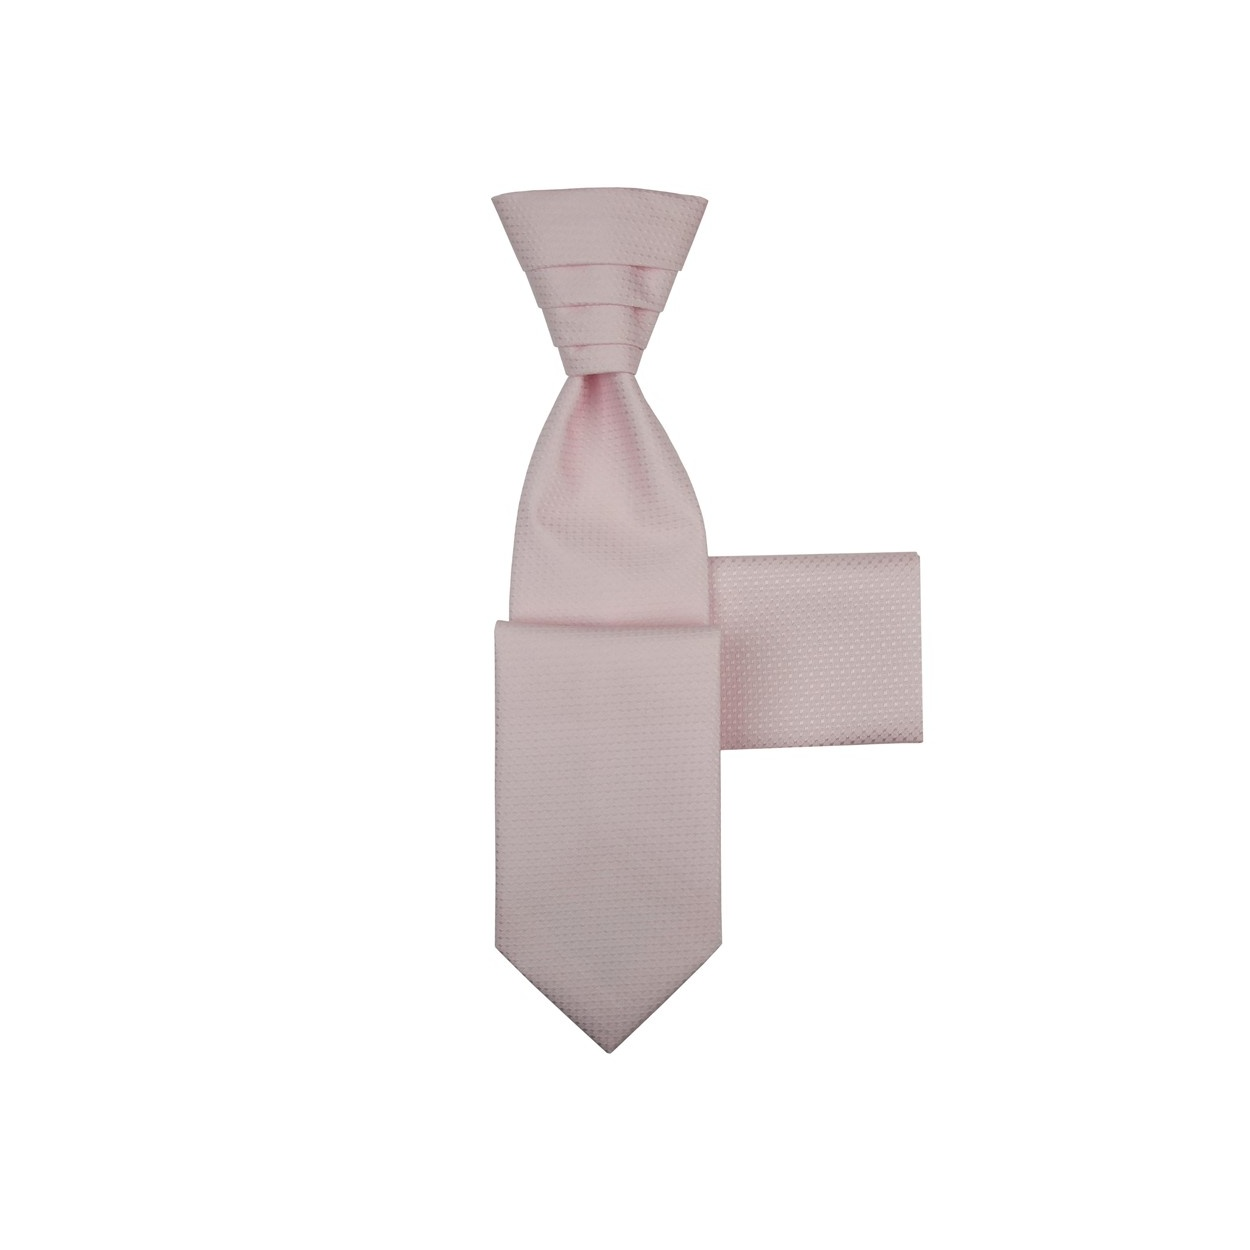 Světle růžová svatební kravata s kapesníčkem - Regata se světle růžovými trojúhelníčky